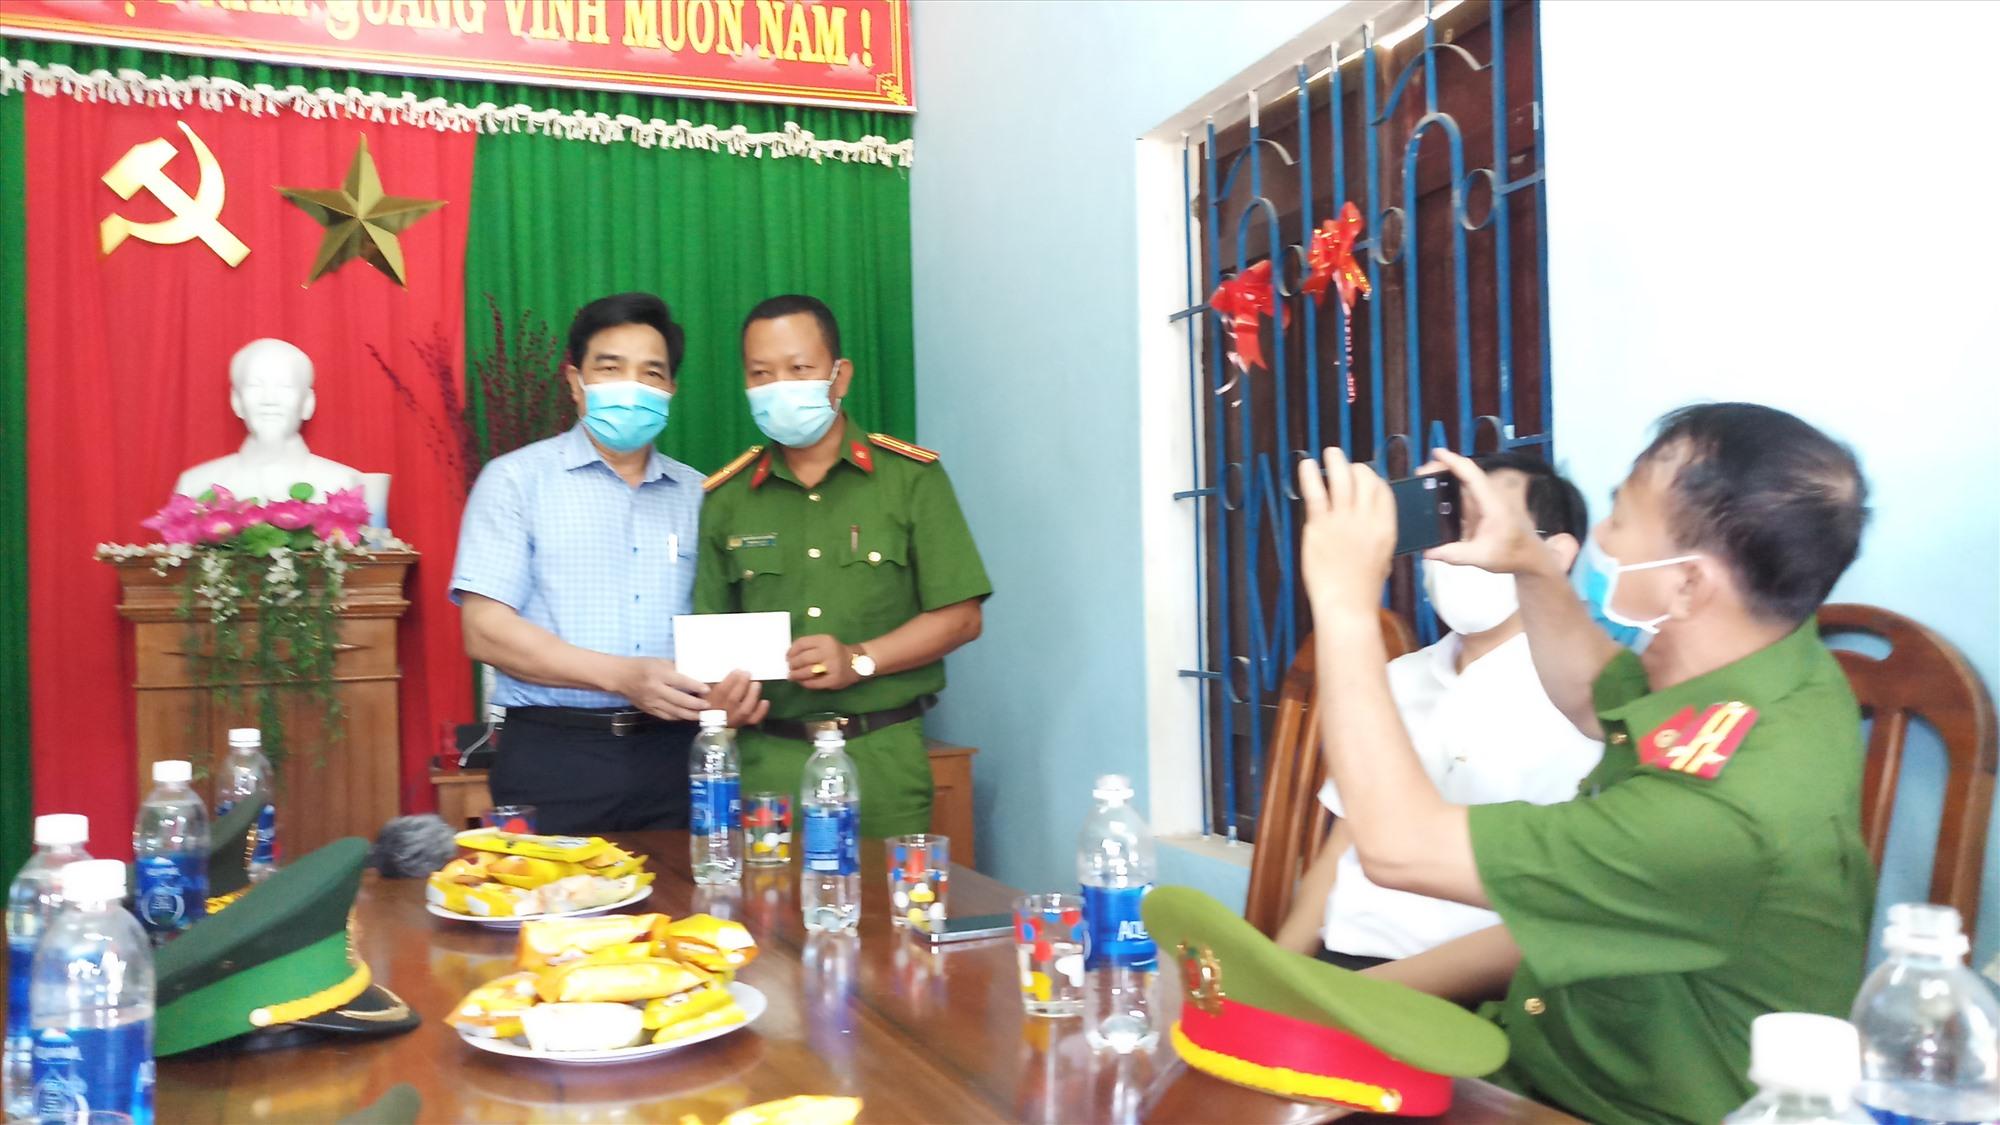 Đồng chí Lê Văn Dũng trao quà động viên các chiến sĩ. Ảnh: A.N